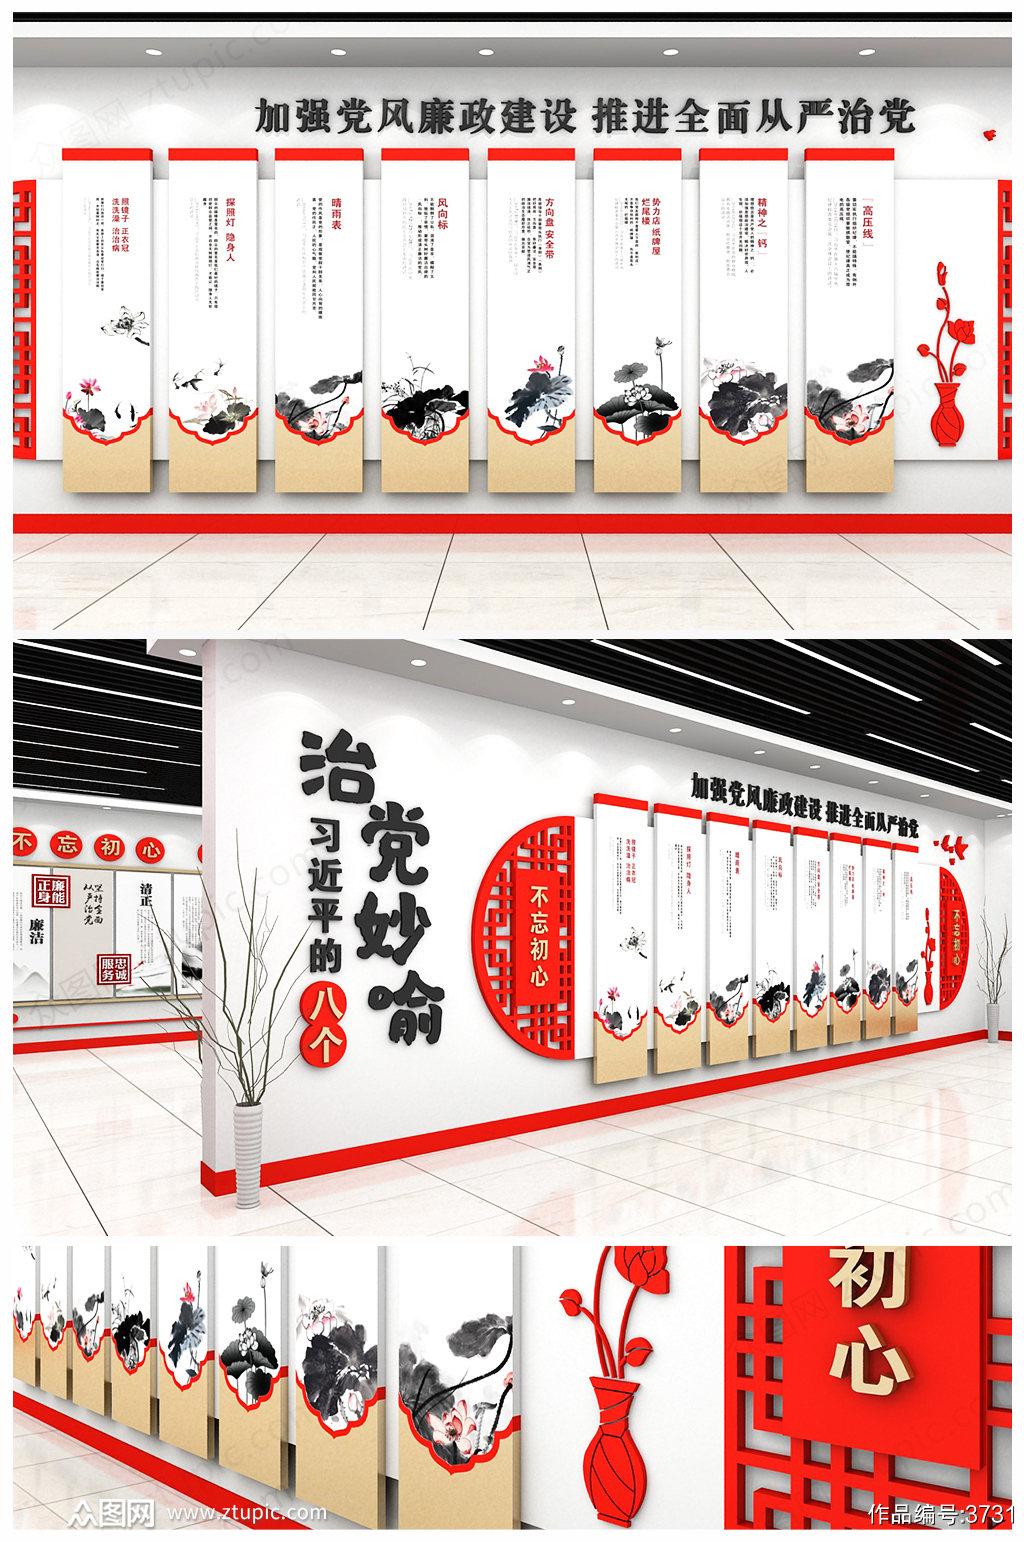 大气中国风古典党建文化墙廉政文化墙设计素材